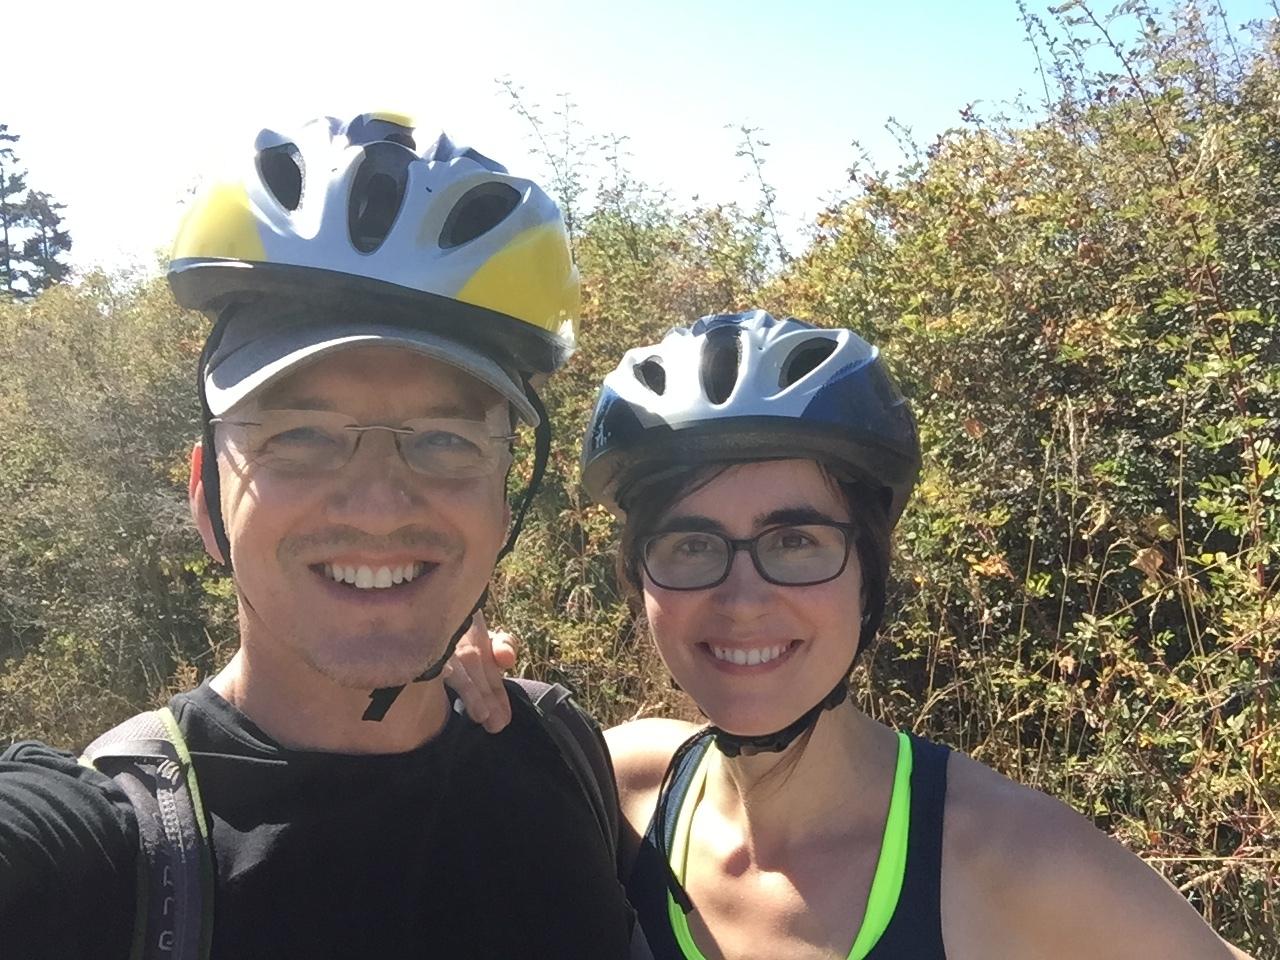 riding bike's in Washington state